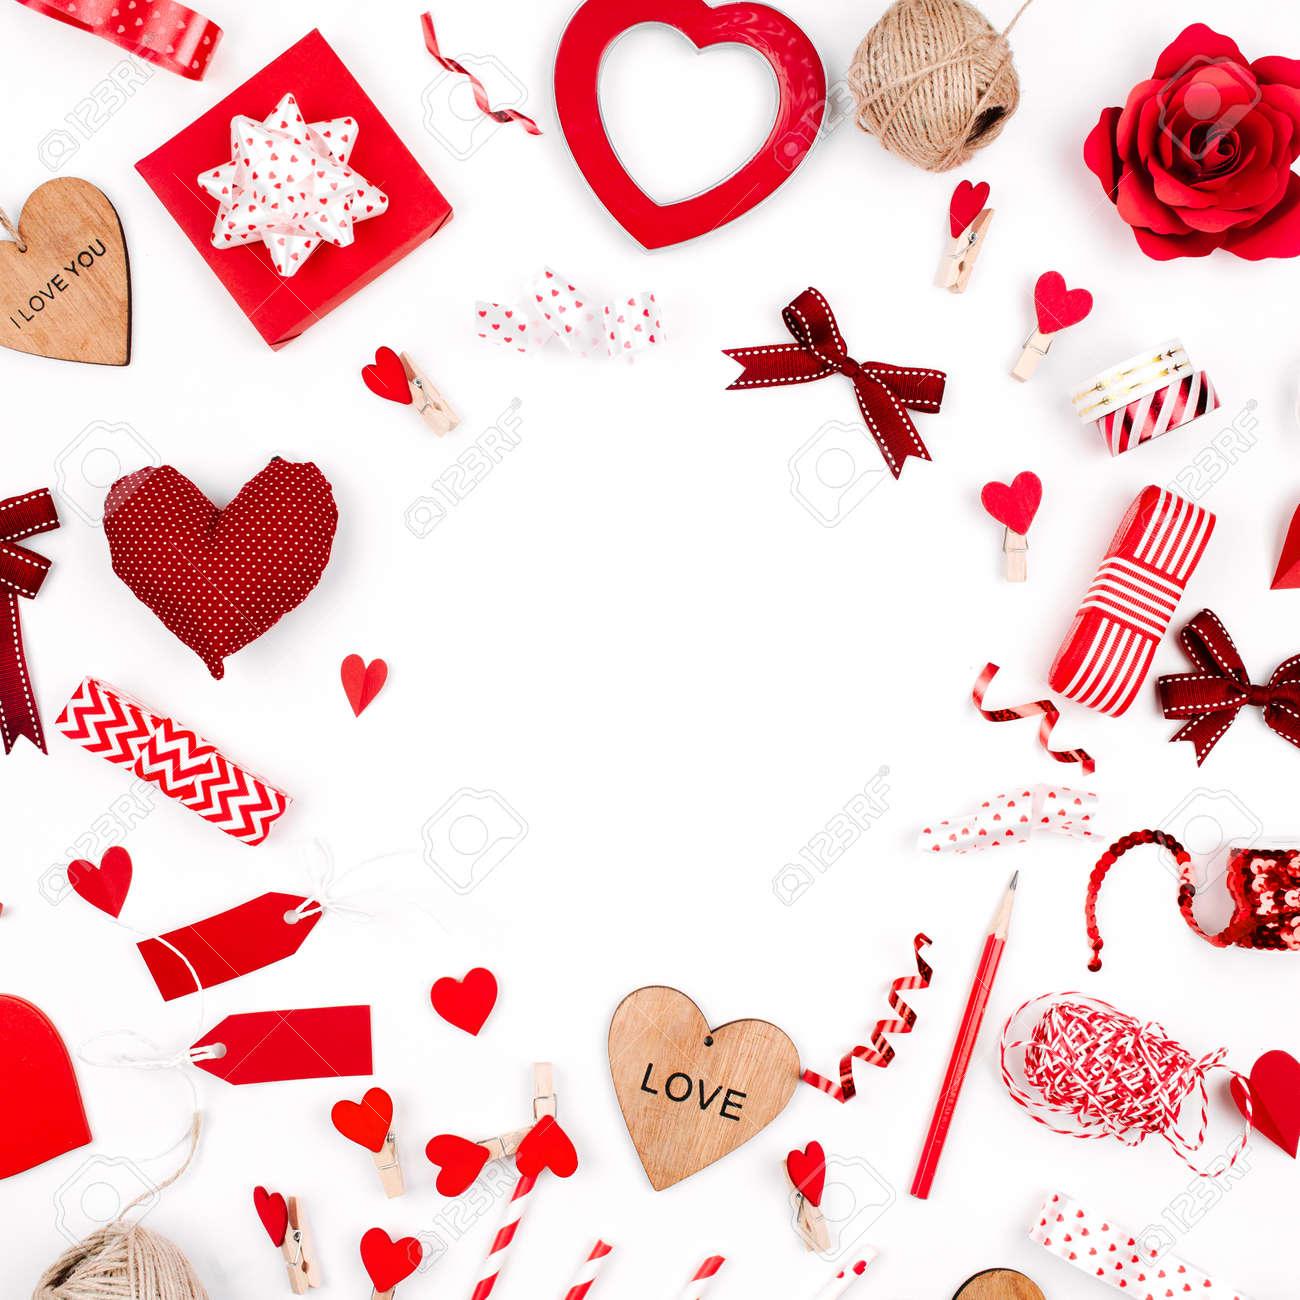 Composicion De Accesorios Romanticos Marco Hecho De Corazones Rojos - Corazones-de-decoracion